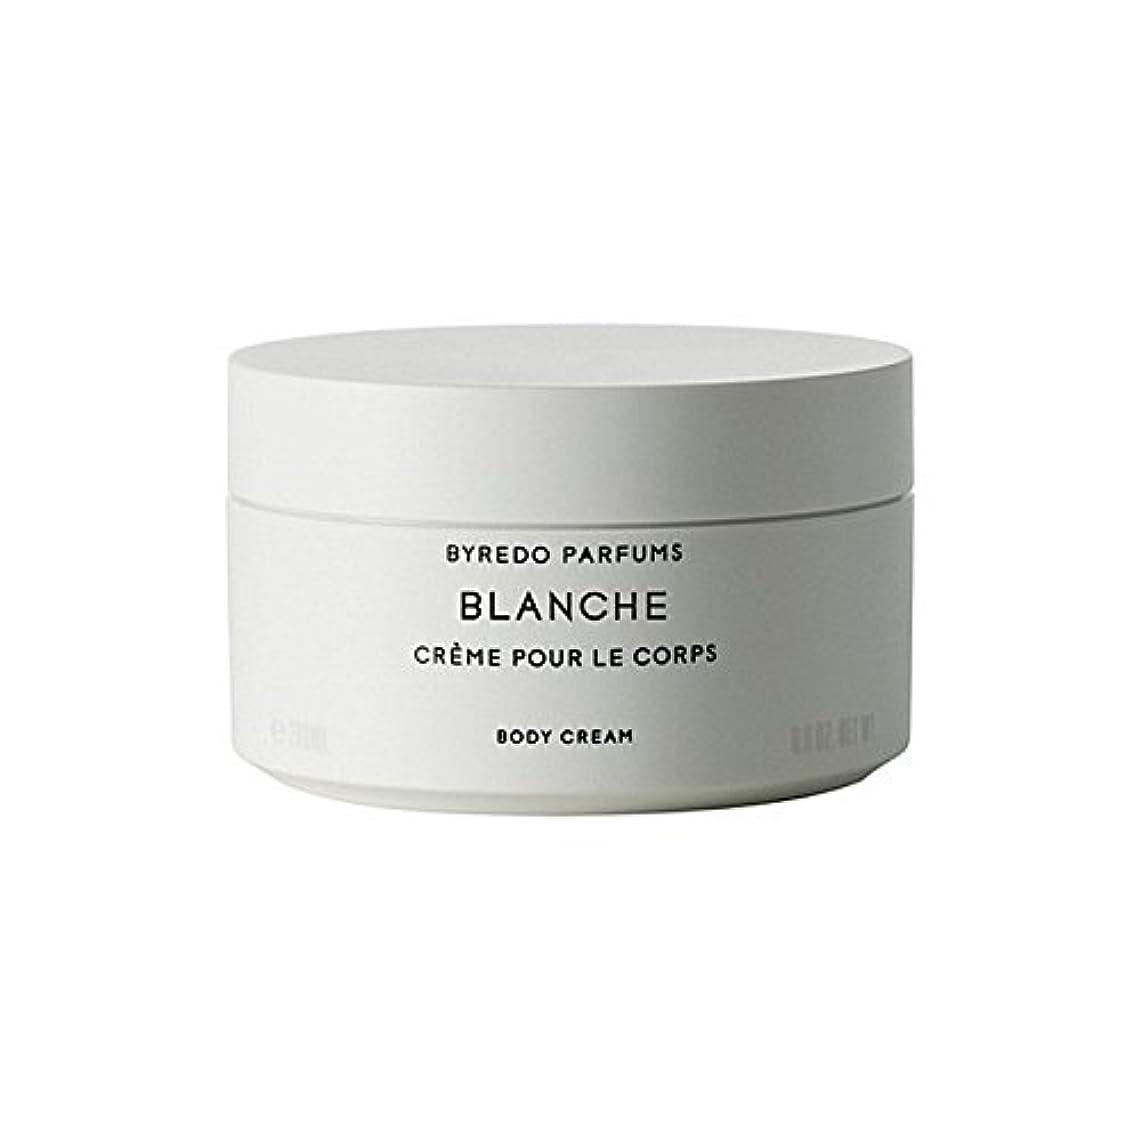 プランター燃料縫うブランシュボディクリーム200ミリリットル x2 - Byredo Blanche Body Cream 200ml (Pack of 2) [並行輸入品]